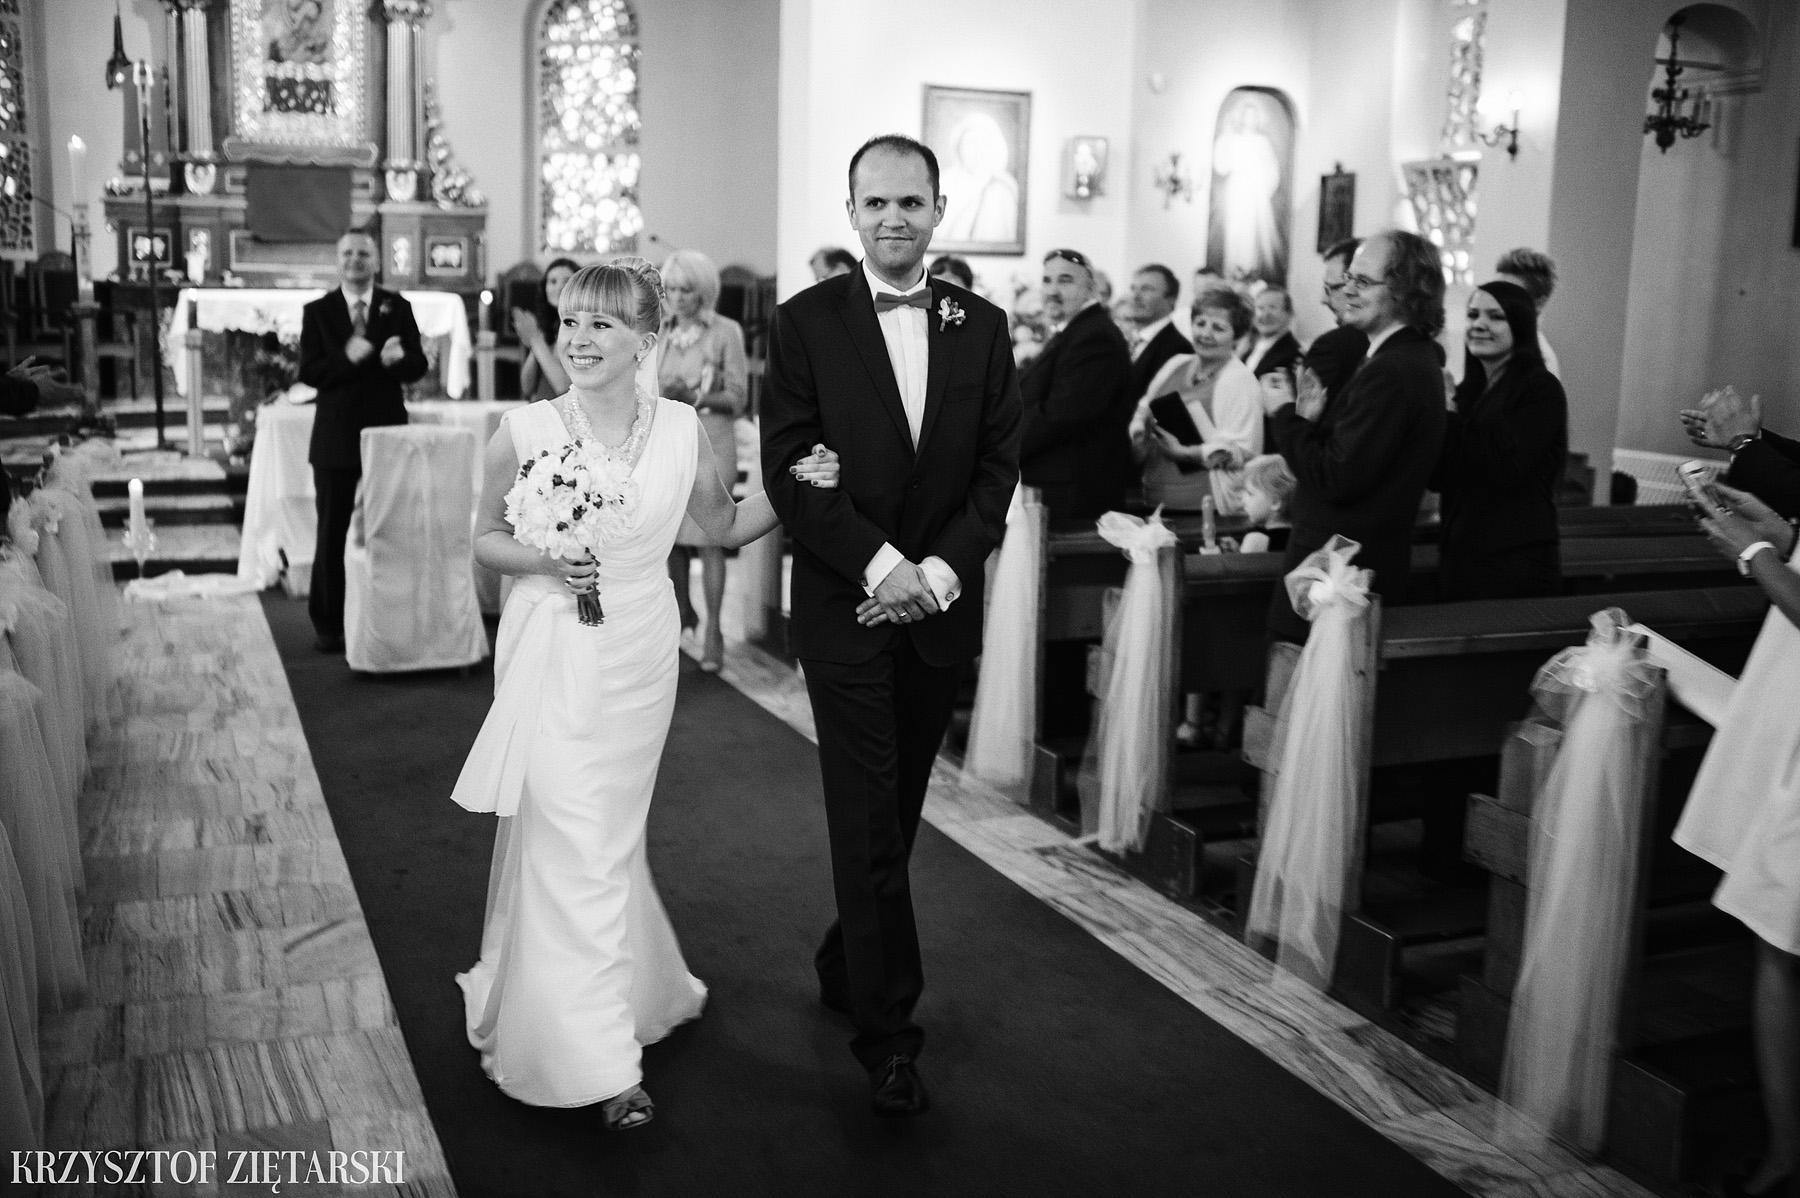 Ola i Grzegorz - Fotografia ślubna Gdynia, Kolegiata NMP, wesele restauracja COCO, plener na Darze Pomorza - 26.